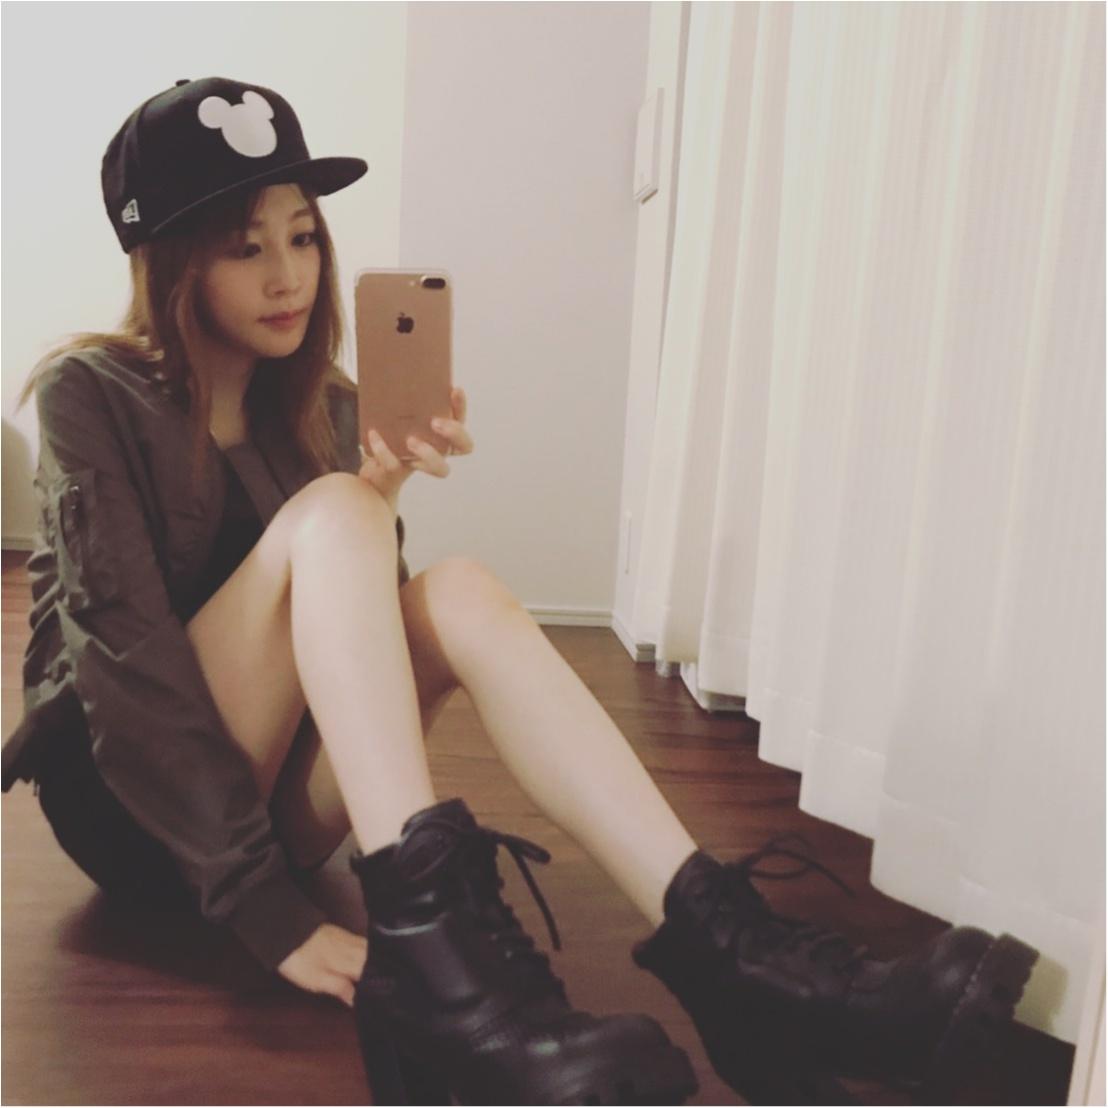 夏のお気に入りスタイル♡ゴツめな靴にはタイトな服で♡_1